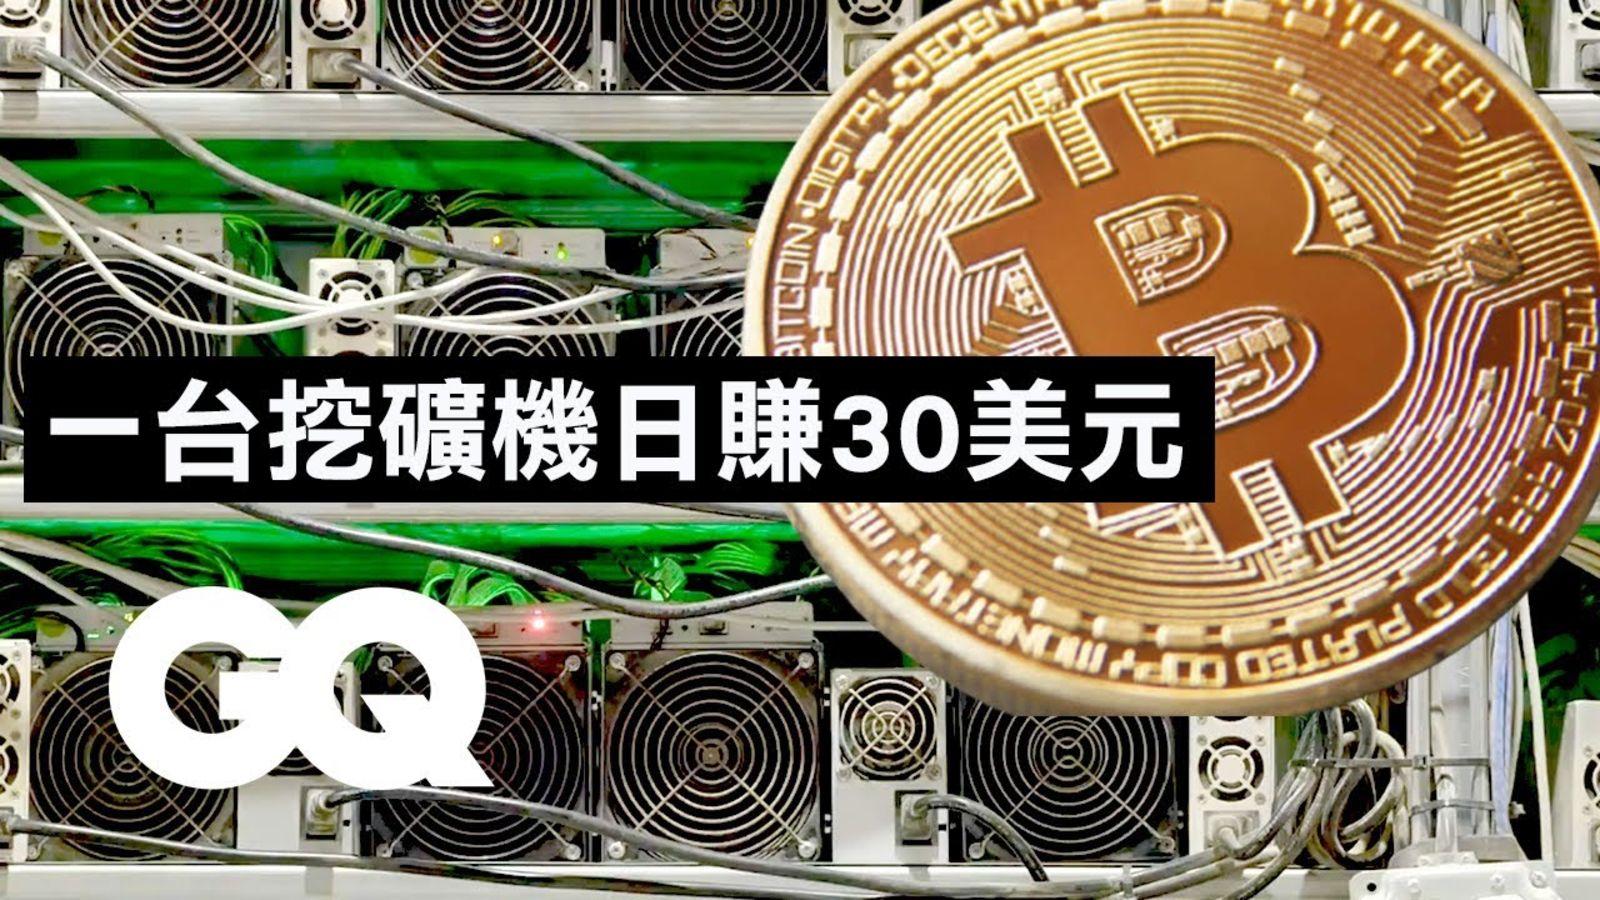 比特幣世界最大挖礦廠一天進帳多少?直擊最大挖礦廠背後超驚人成本 Inside the Largest Bitcoin Mine in The U S |科普長知識|GQ Taiwan